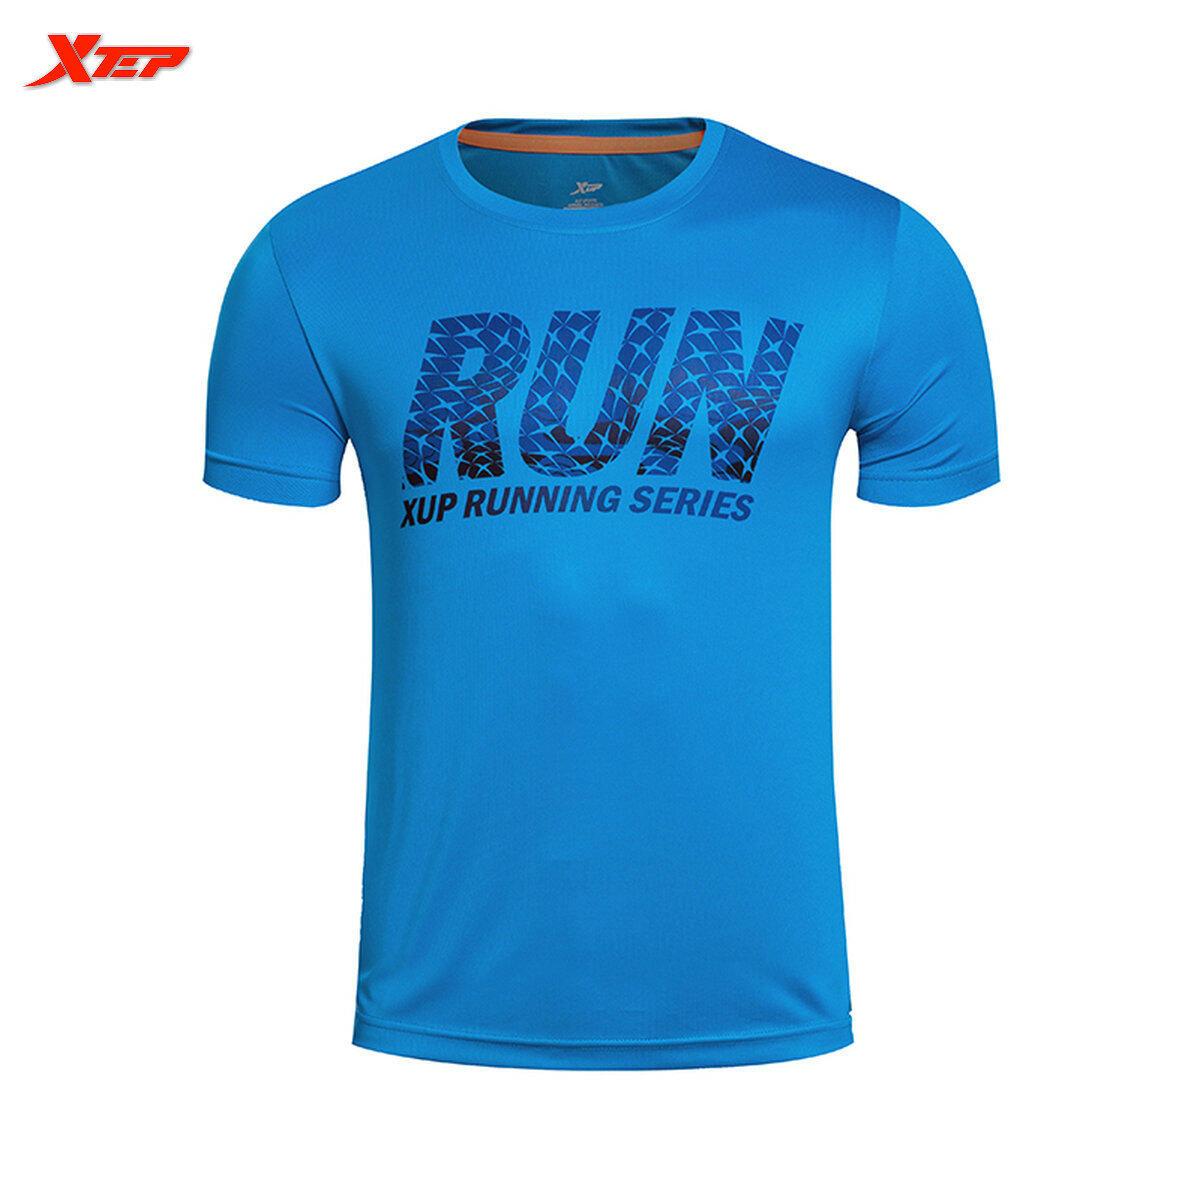 Spek Xtep Merek Luar Lari T Shirt For Pria Puncak Pusat 2016 Musim Panas Olahraga Pria Kemeja Pria Baju Cepat Kering Biru Indonesia